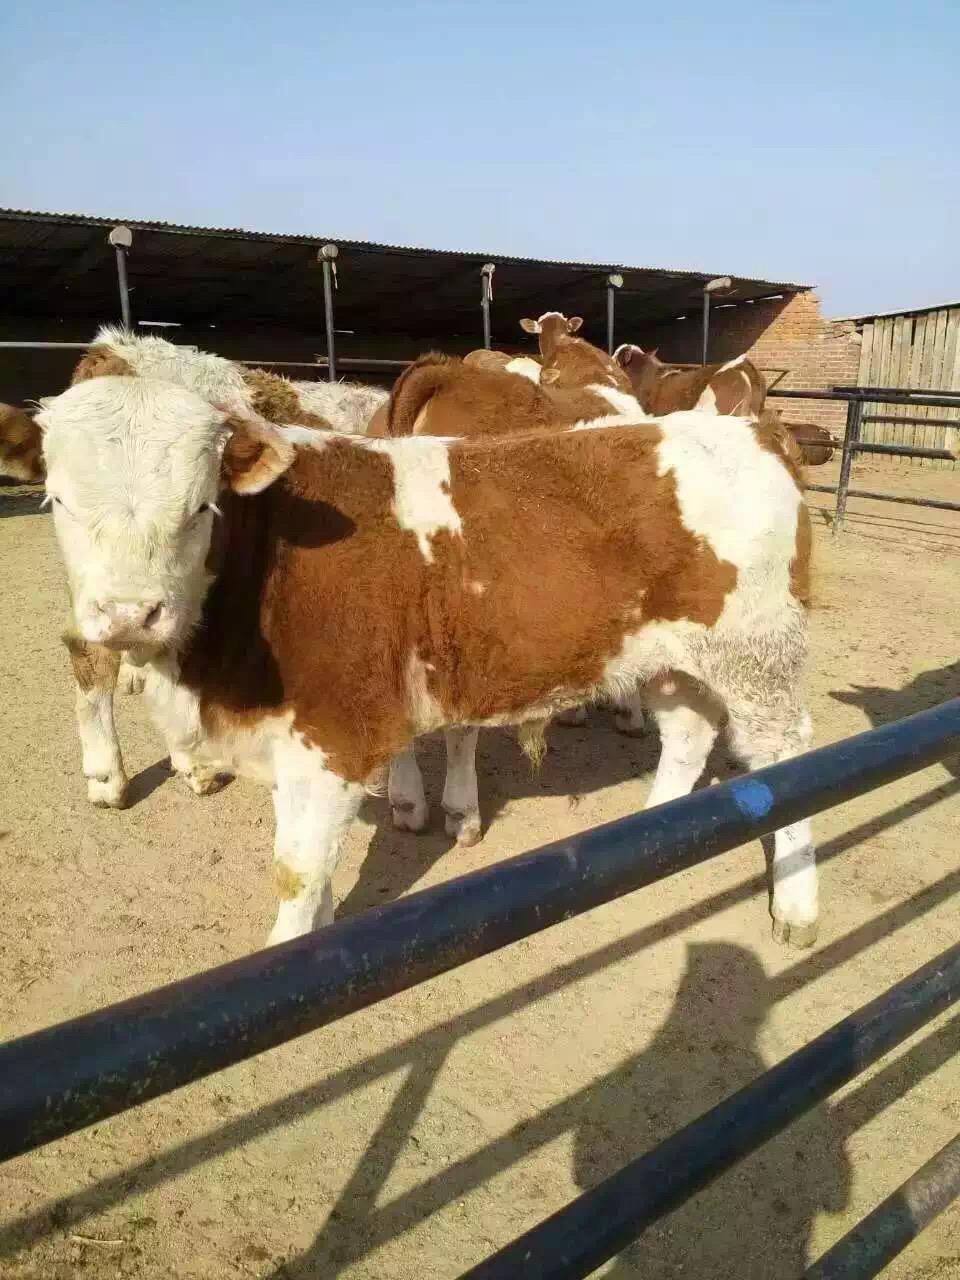 牛吃什么长得快养牛青储饲料制作方法牛蹄病